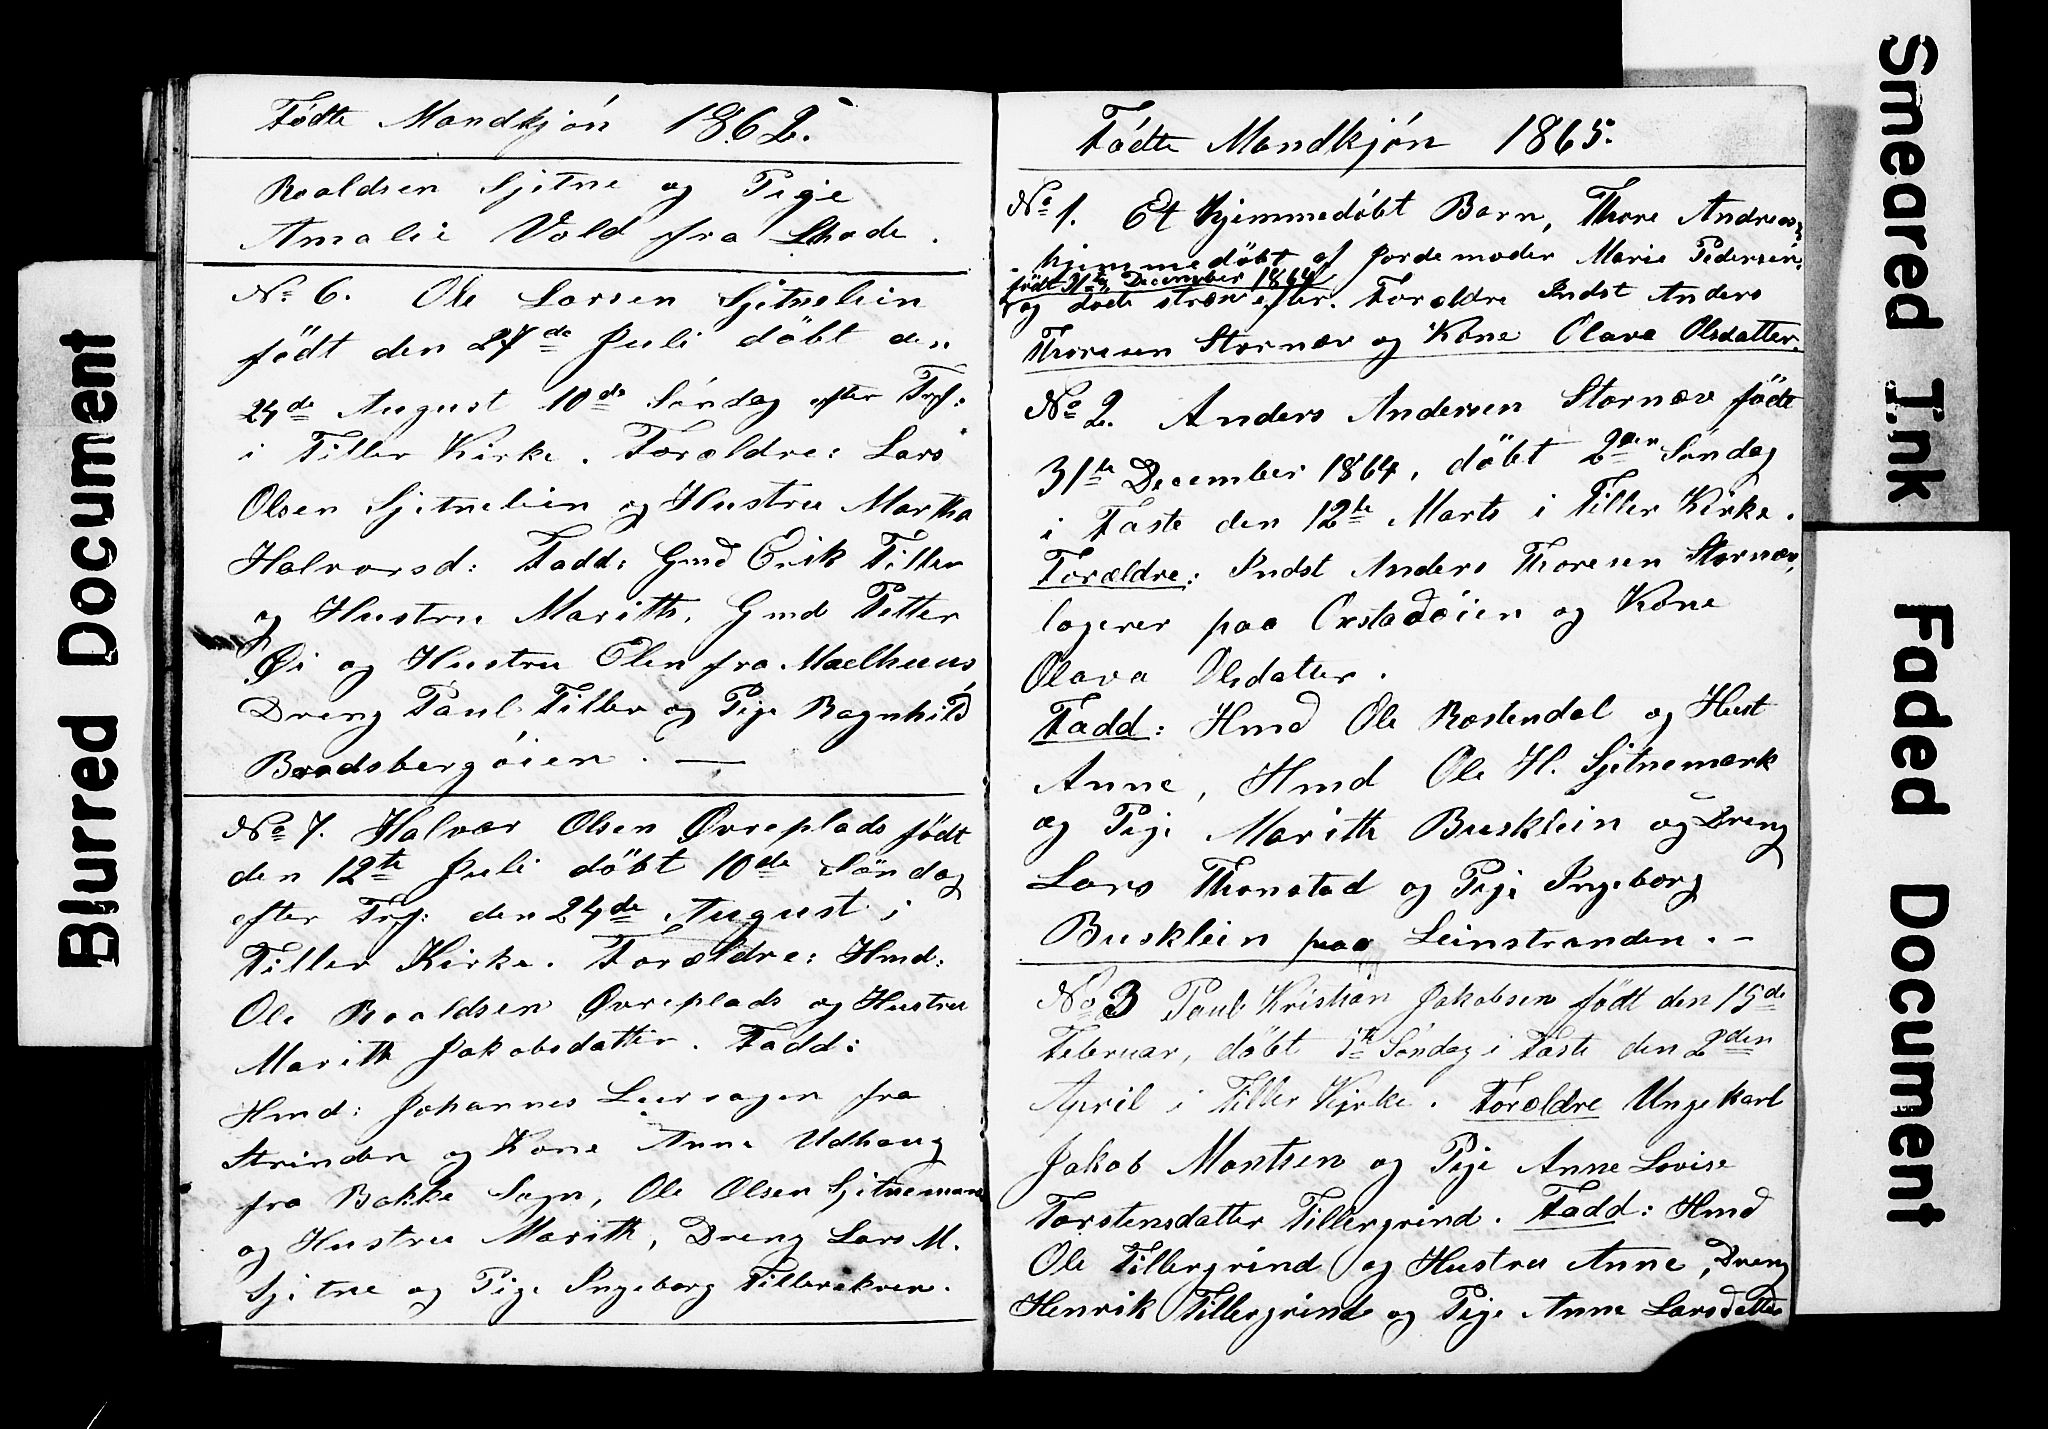 SAT, Ministerialprotokoller, klokkerbøker og fødselsregistre - Sør-Trøndelag, 621/L0461: Klokkerbok nr. 621C04, 1849-1865